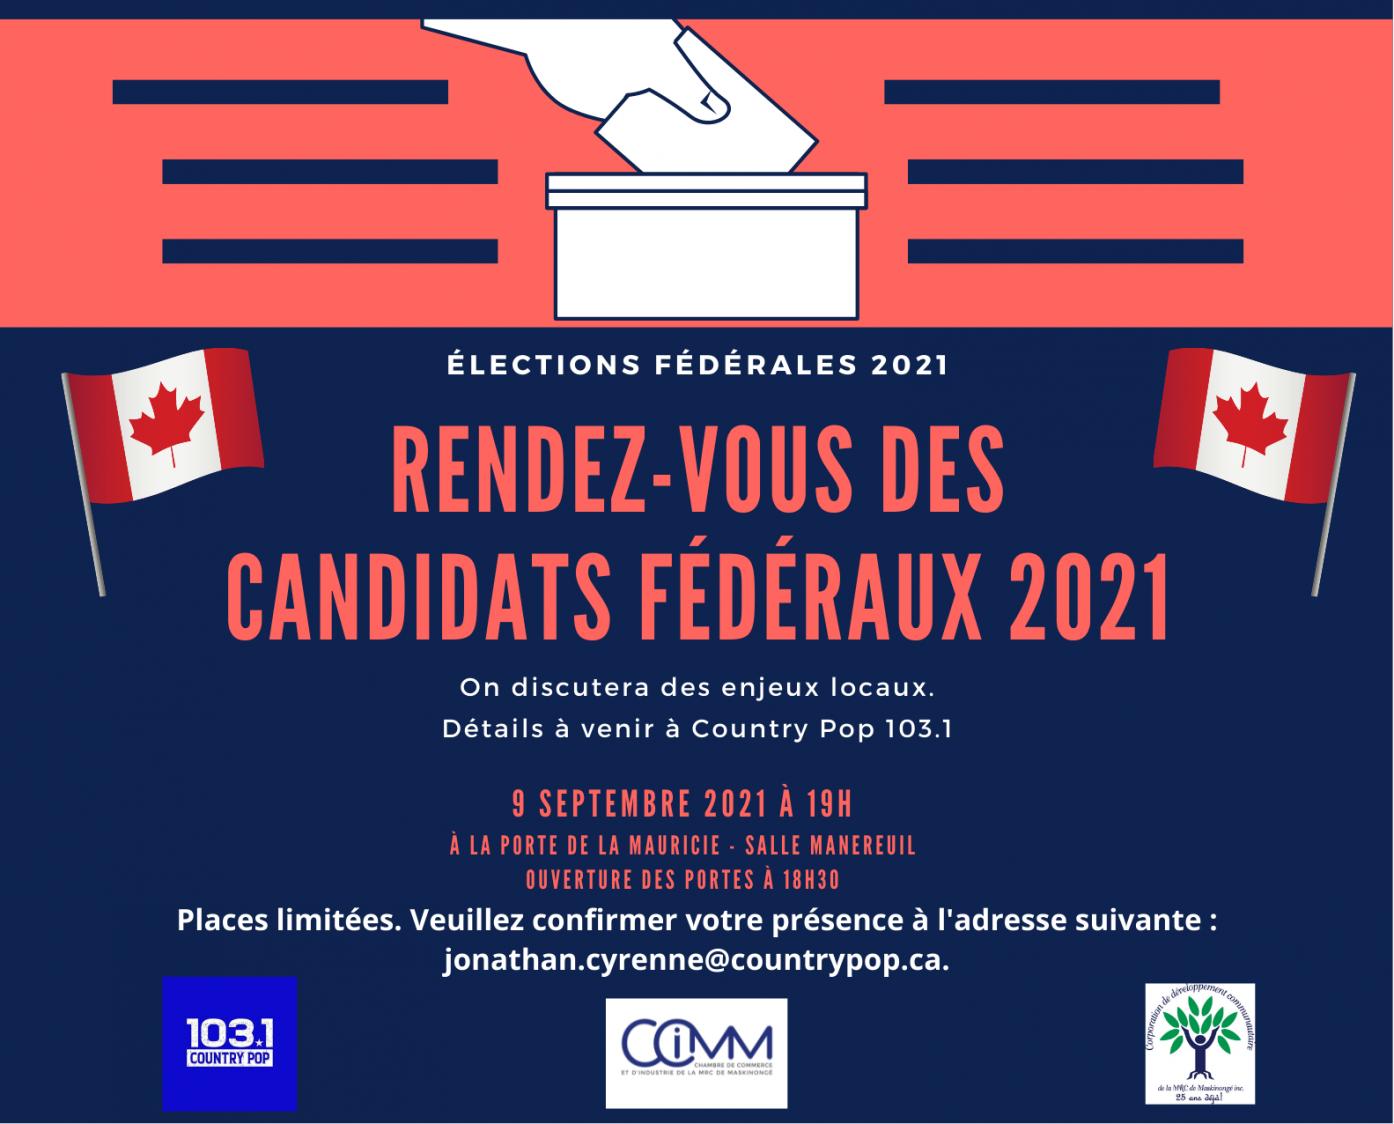 Rendez-vous des candidats fédéraux 2021